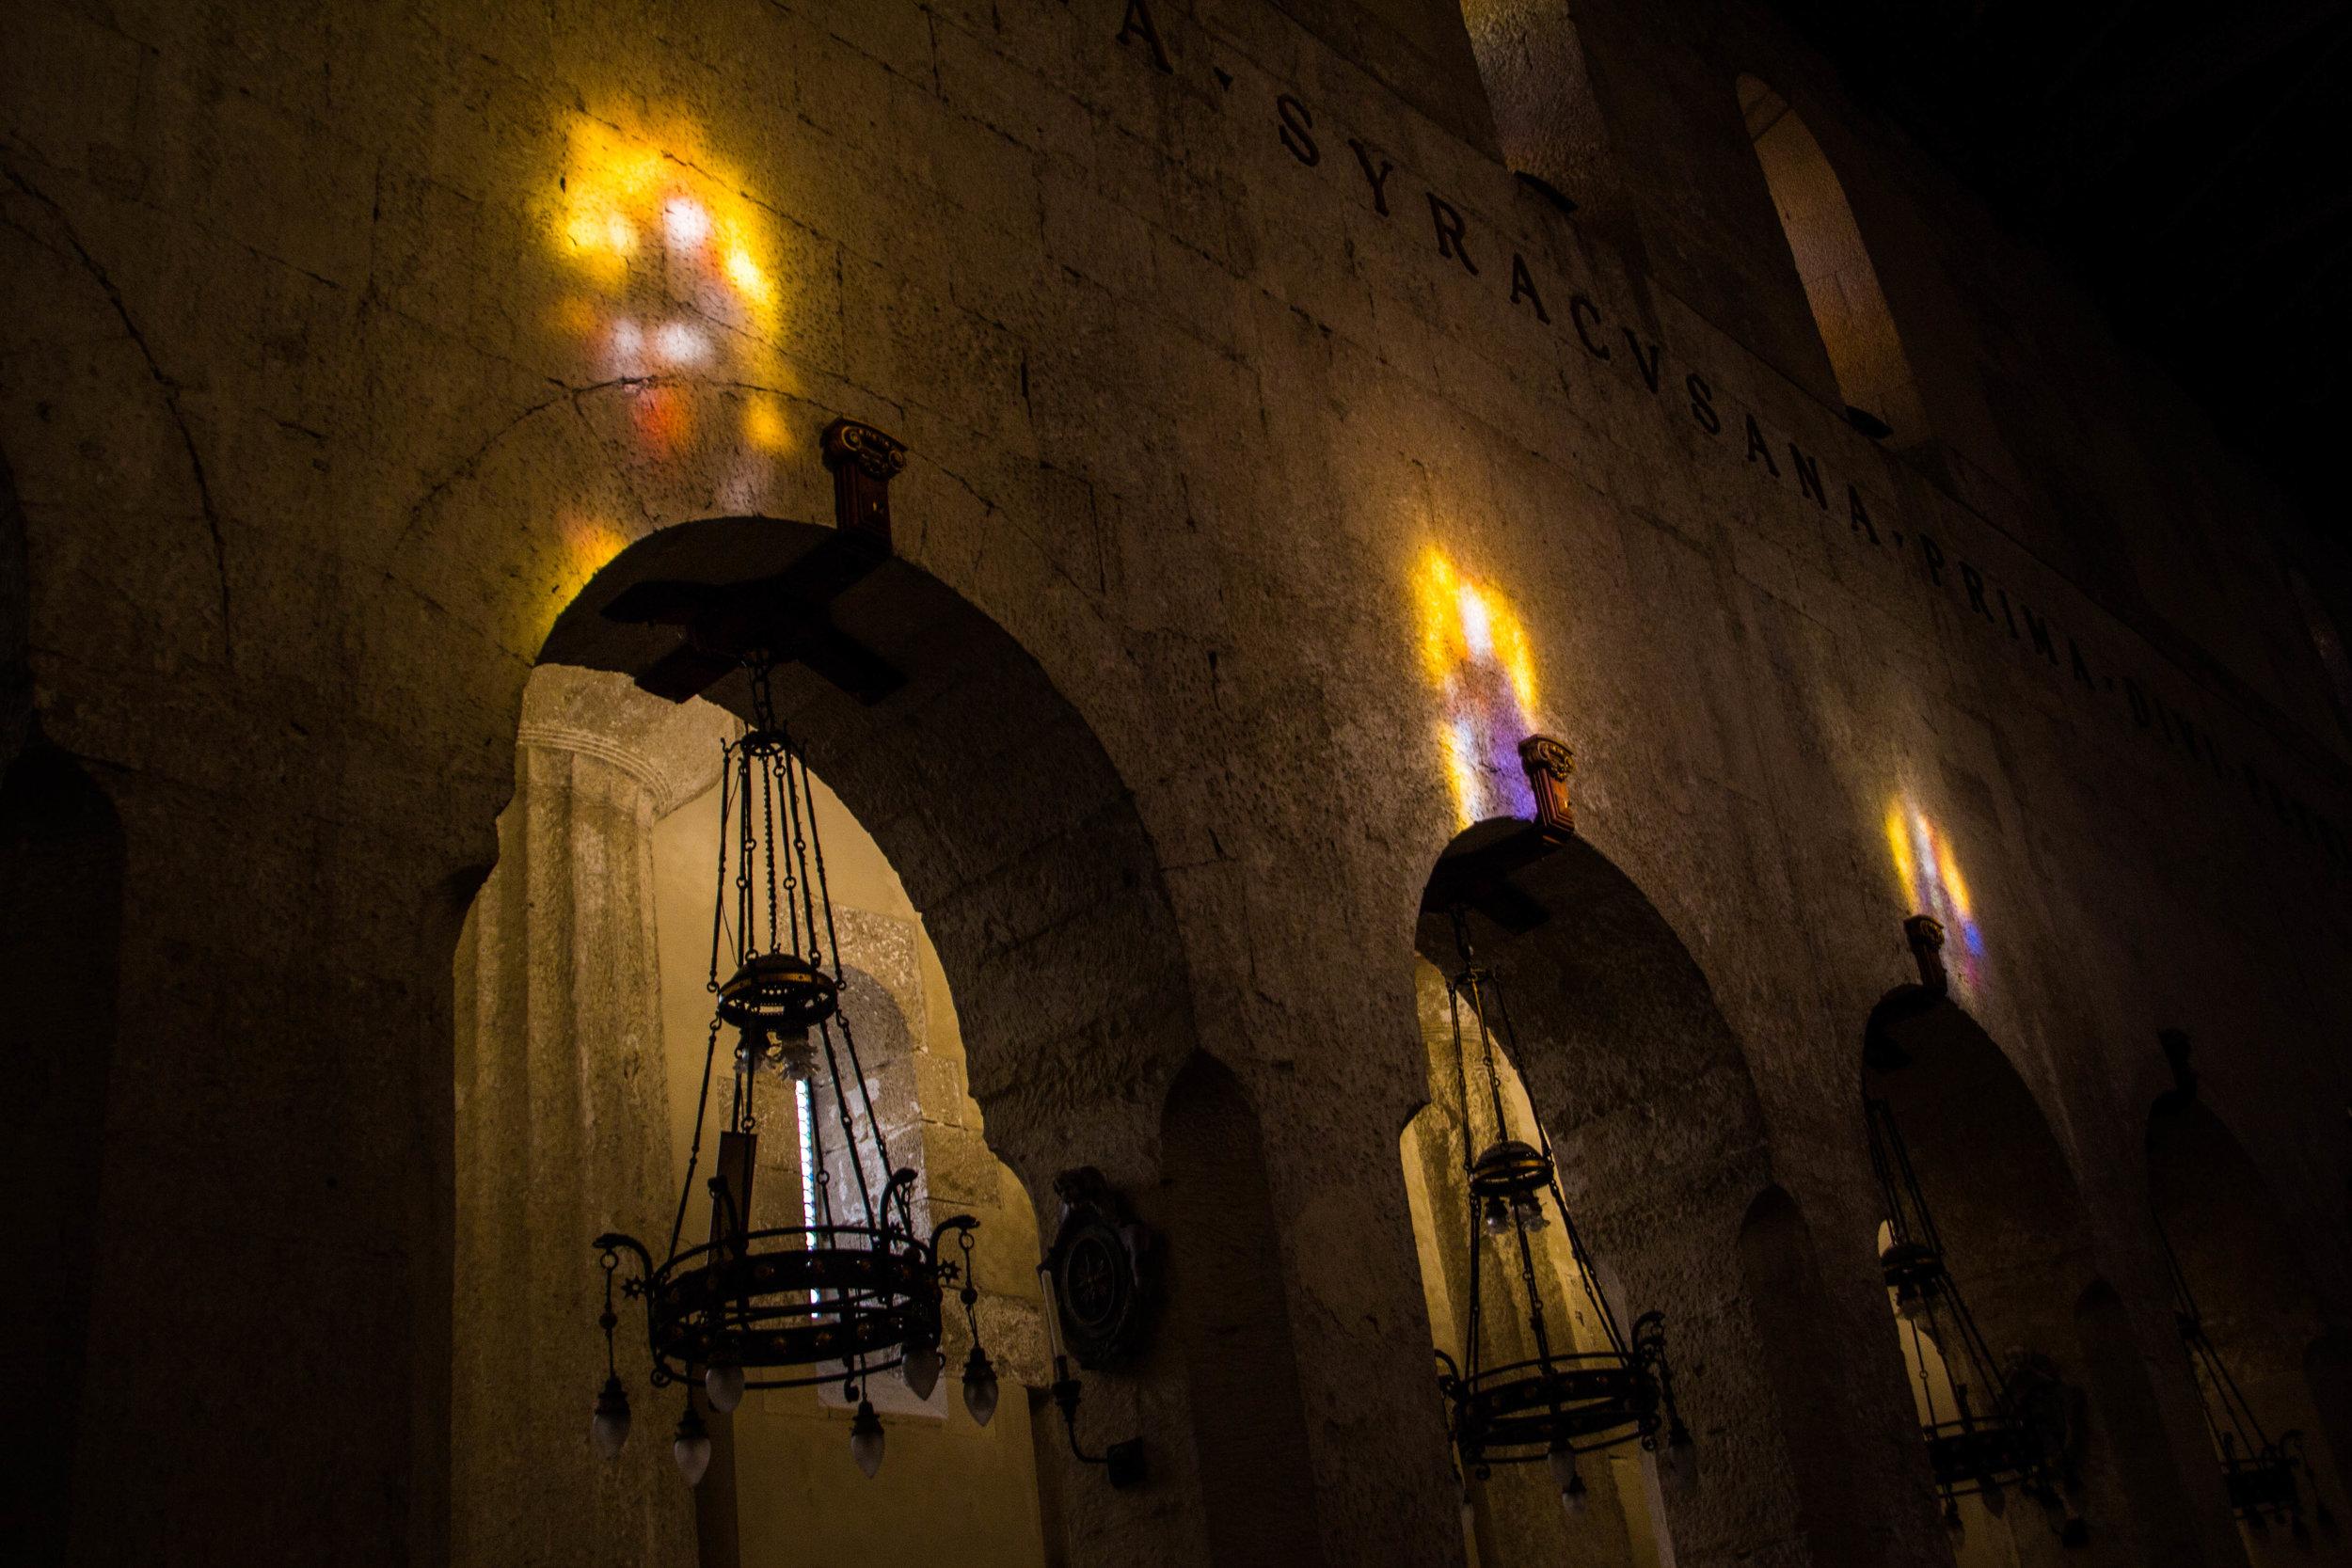 cattedrale-nativita-di-maria-santissima-ortygia-syracuse-sicily-3.jpg